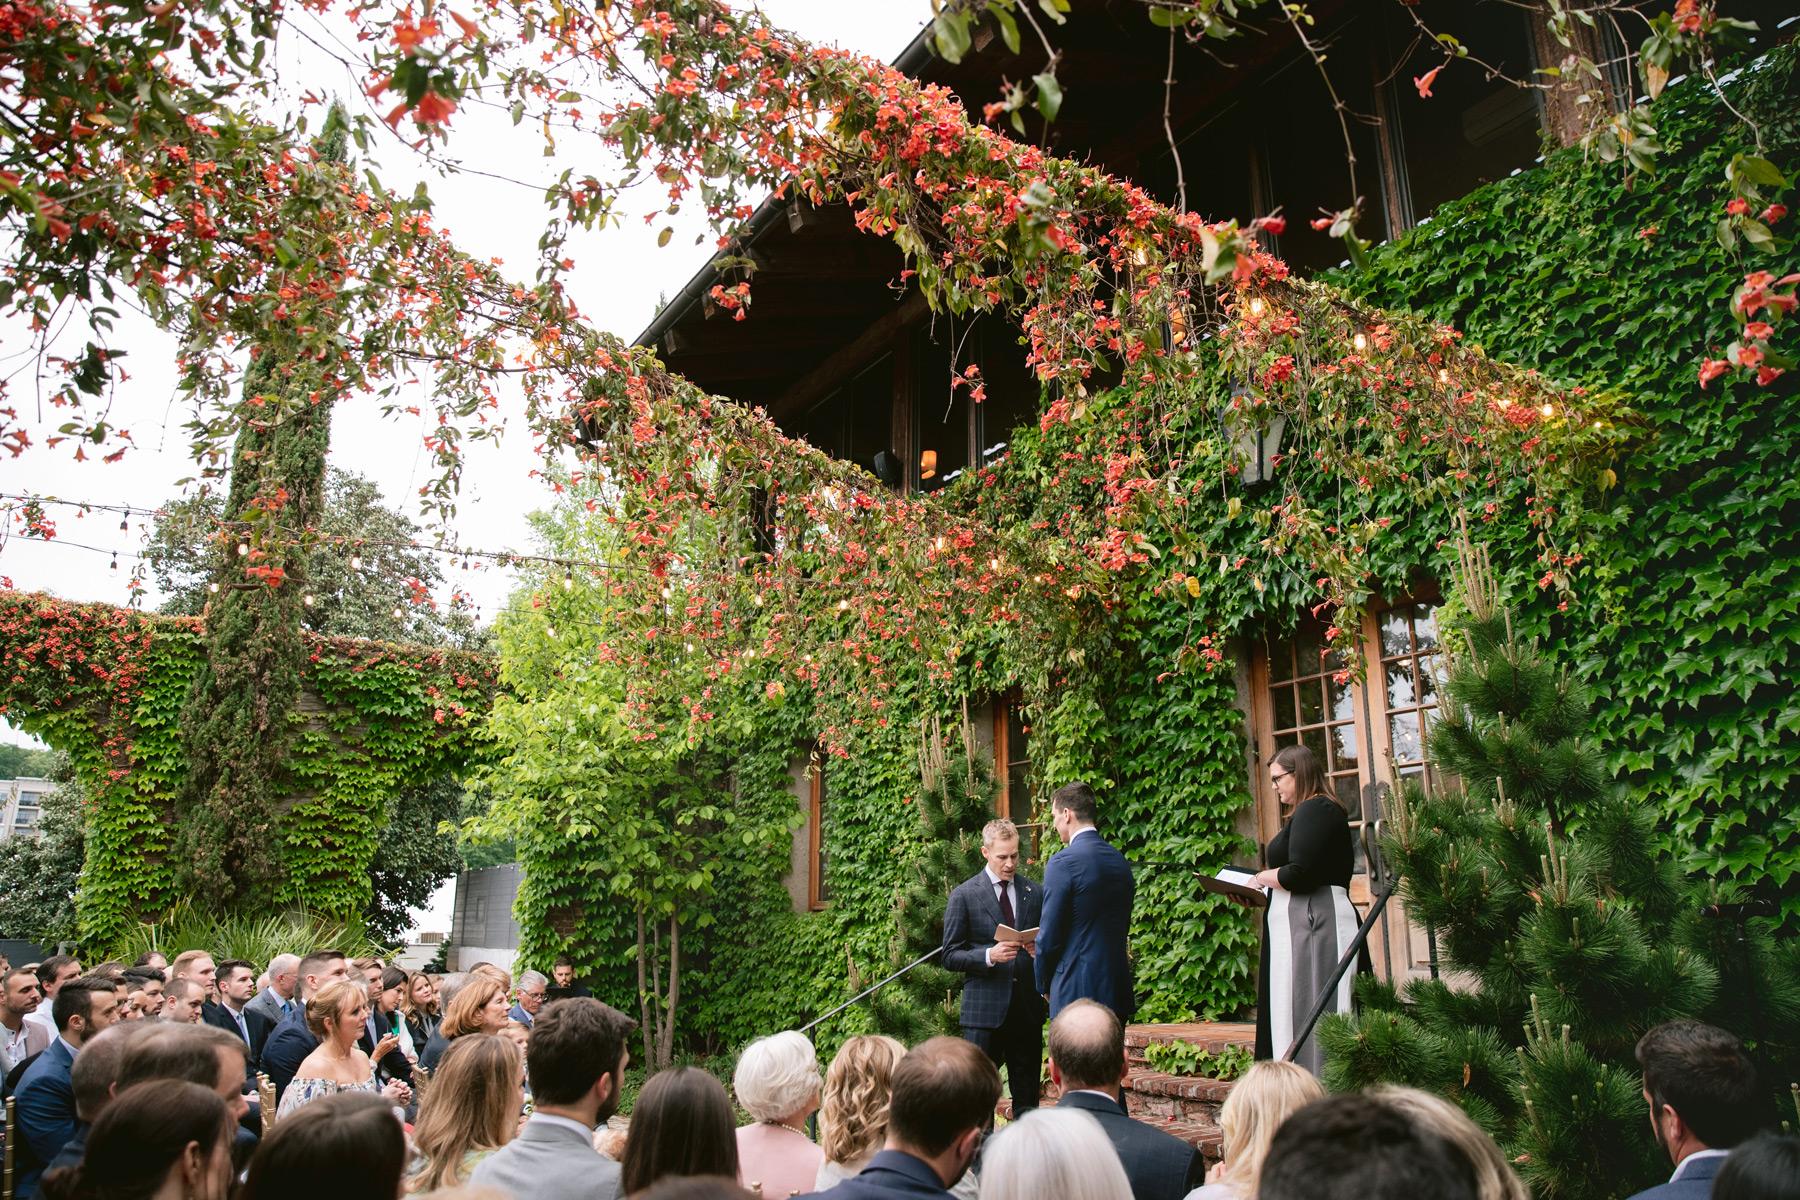 Summerour-Same-Sex-Wedding-0056